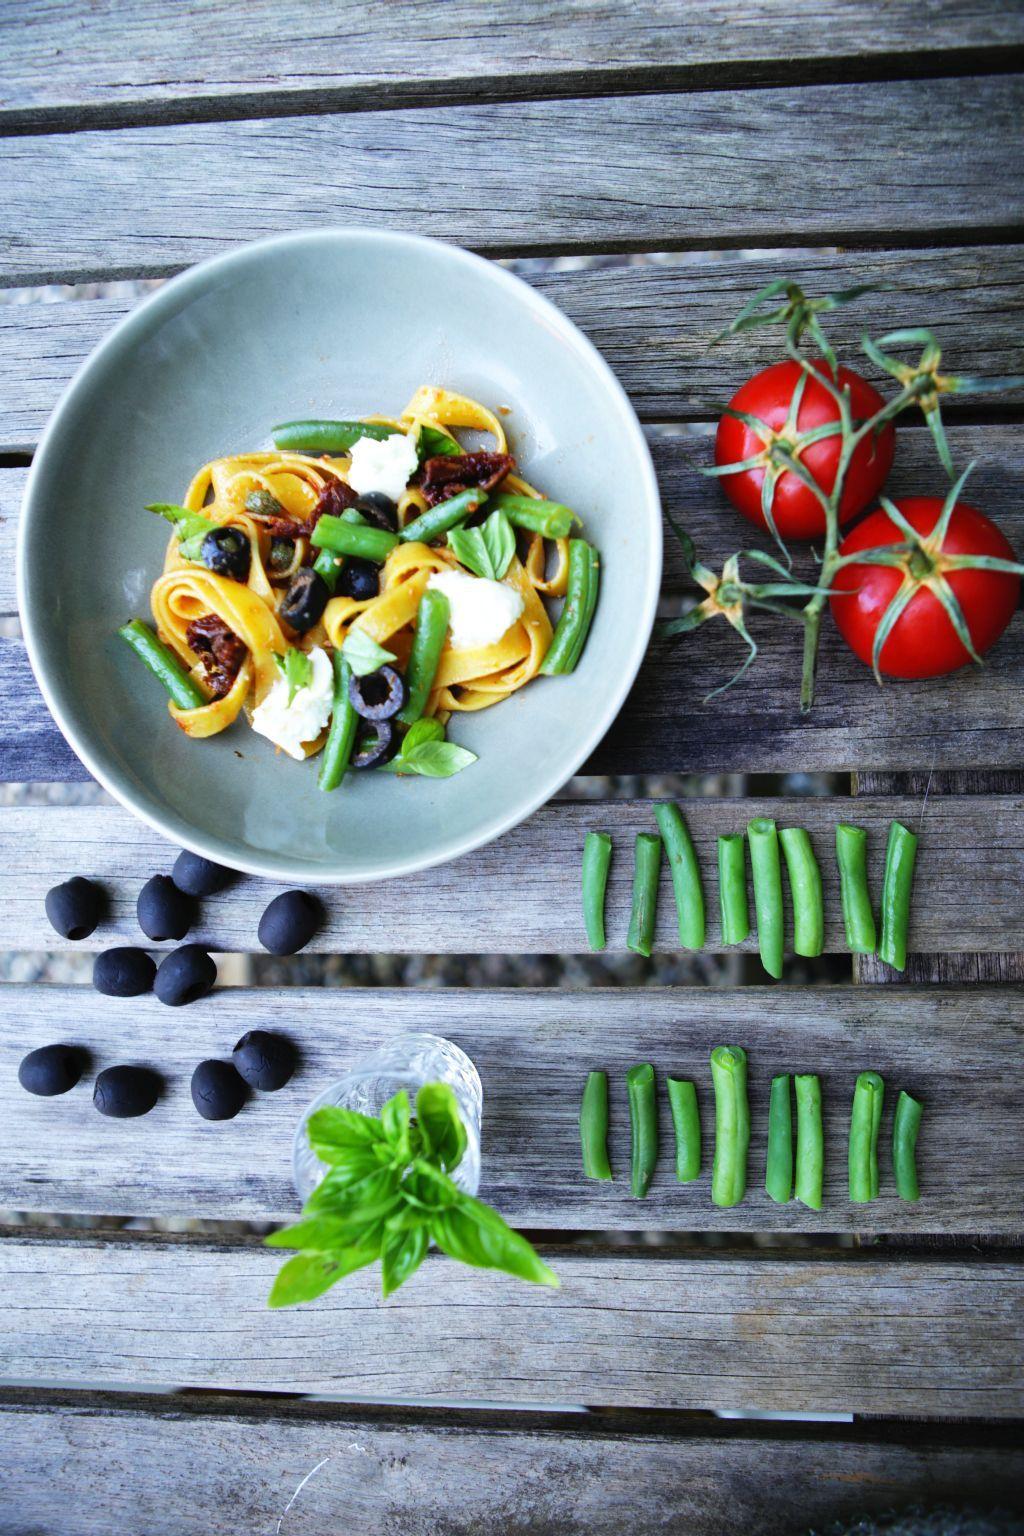 Een lekker pastagerecht met de ingrediënten van de Italiaanse caprese-salade: mozarella, tomaat en basilicum. Met tapenade en sperziebonen.